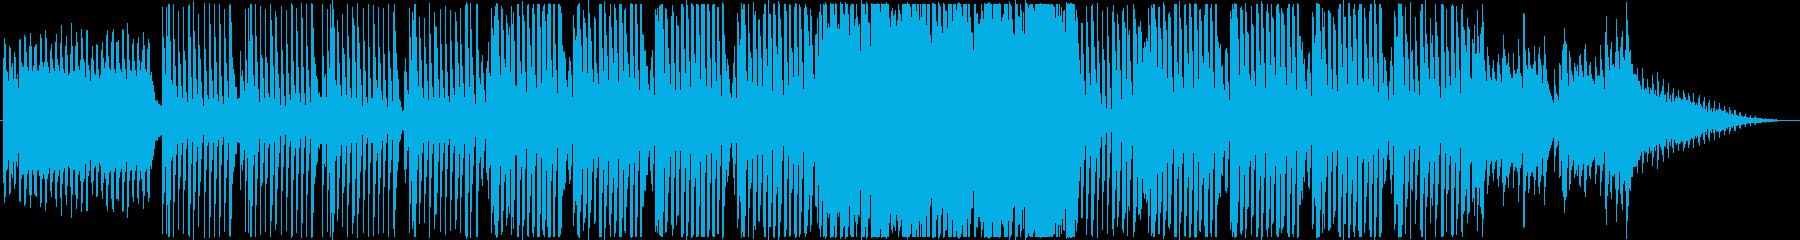 軽やかで可愛らしいクリスマス風BGMの再生済みの波形